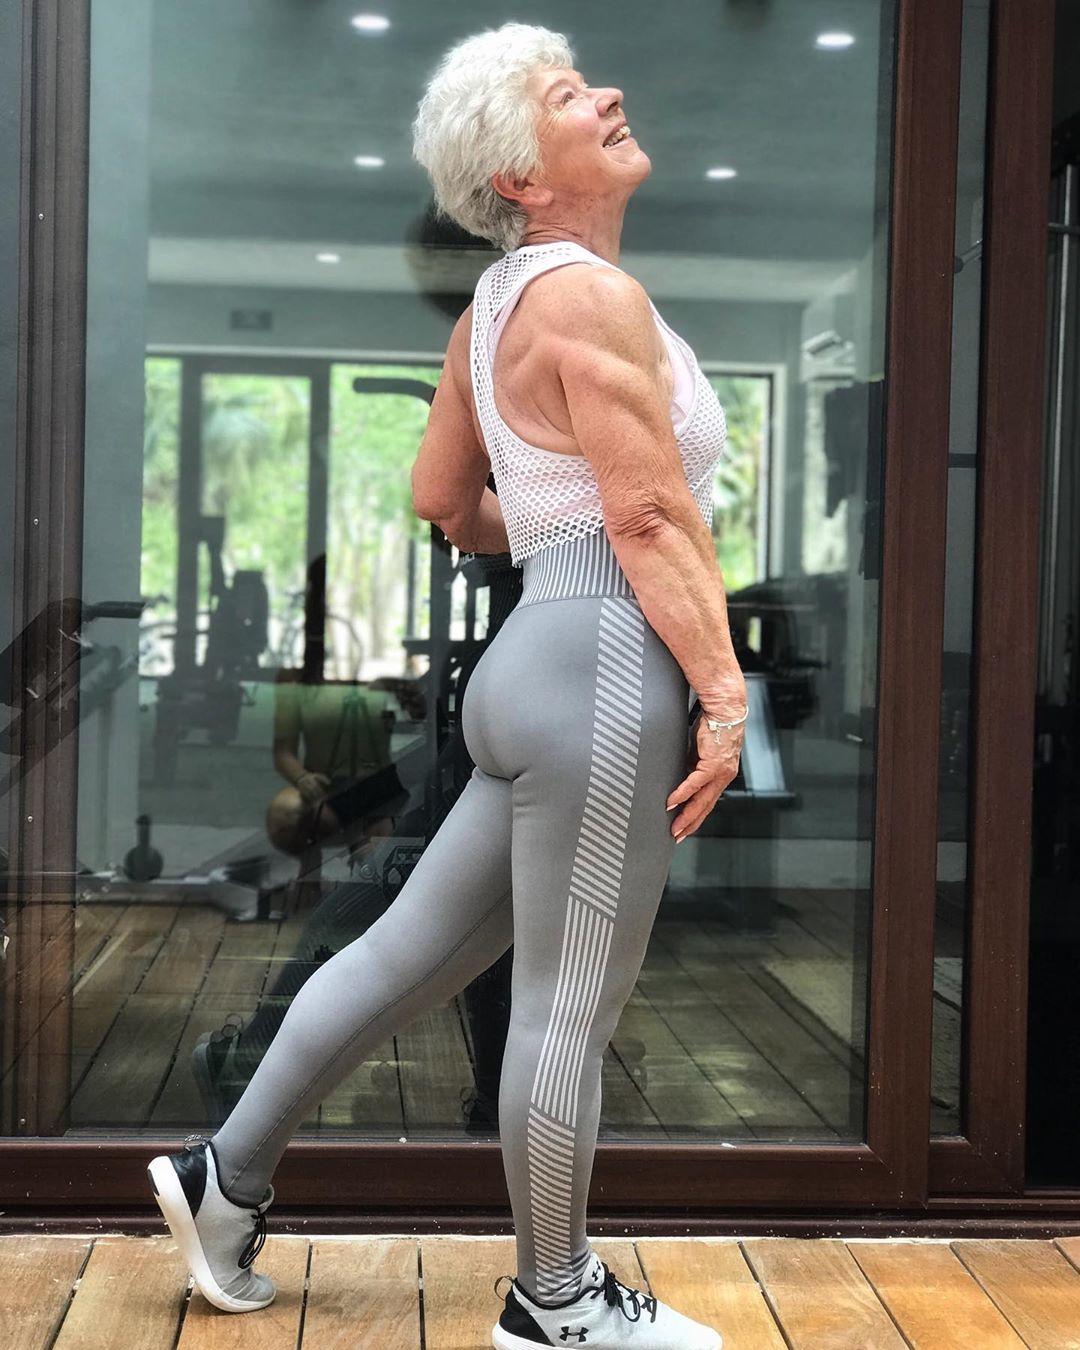 Фитнес-бабушка Джоан Макдональд похудела на 30 кг в 73 года: она бомбит мышцы в зале